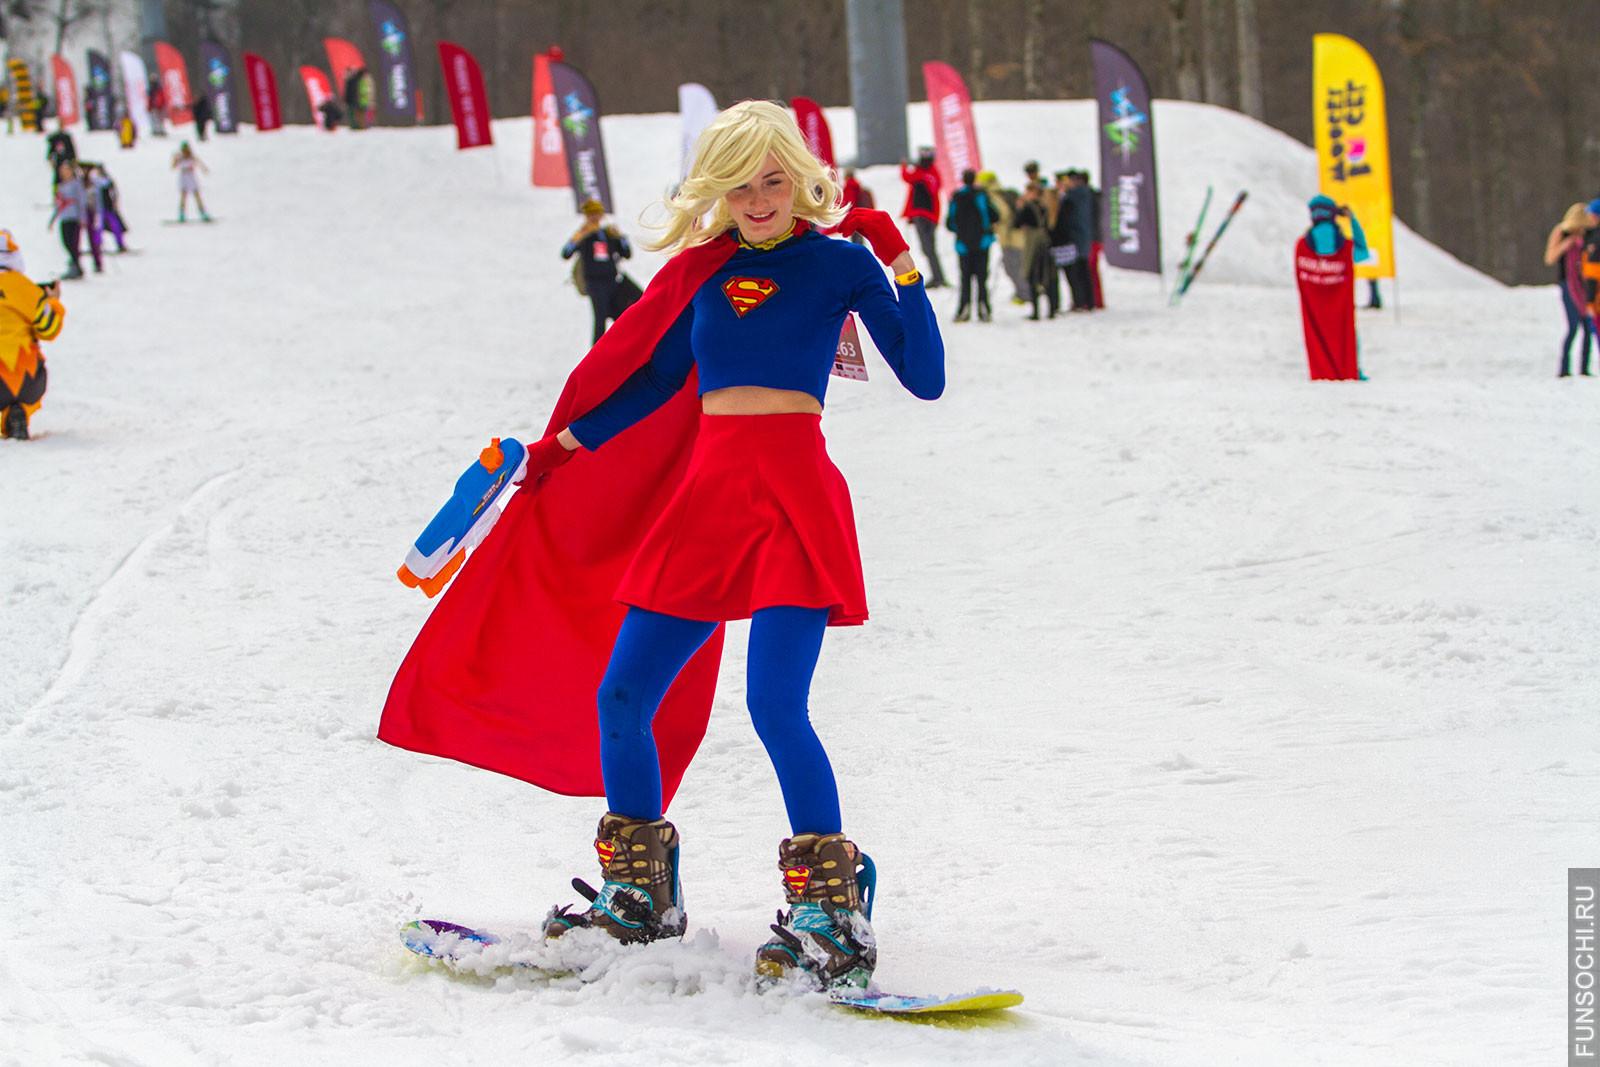 девушка на сноуборде в костюме супервумен